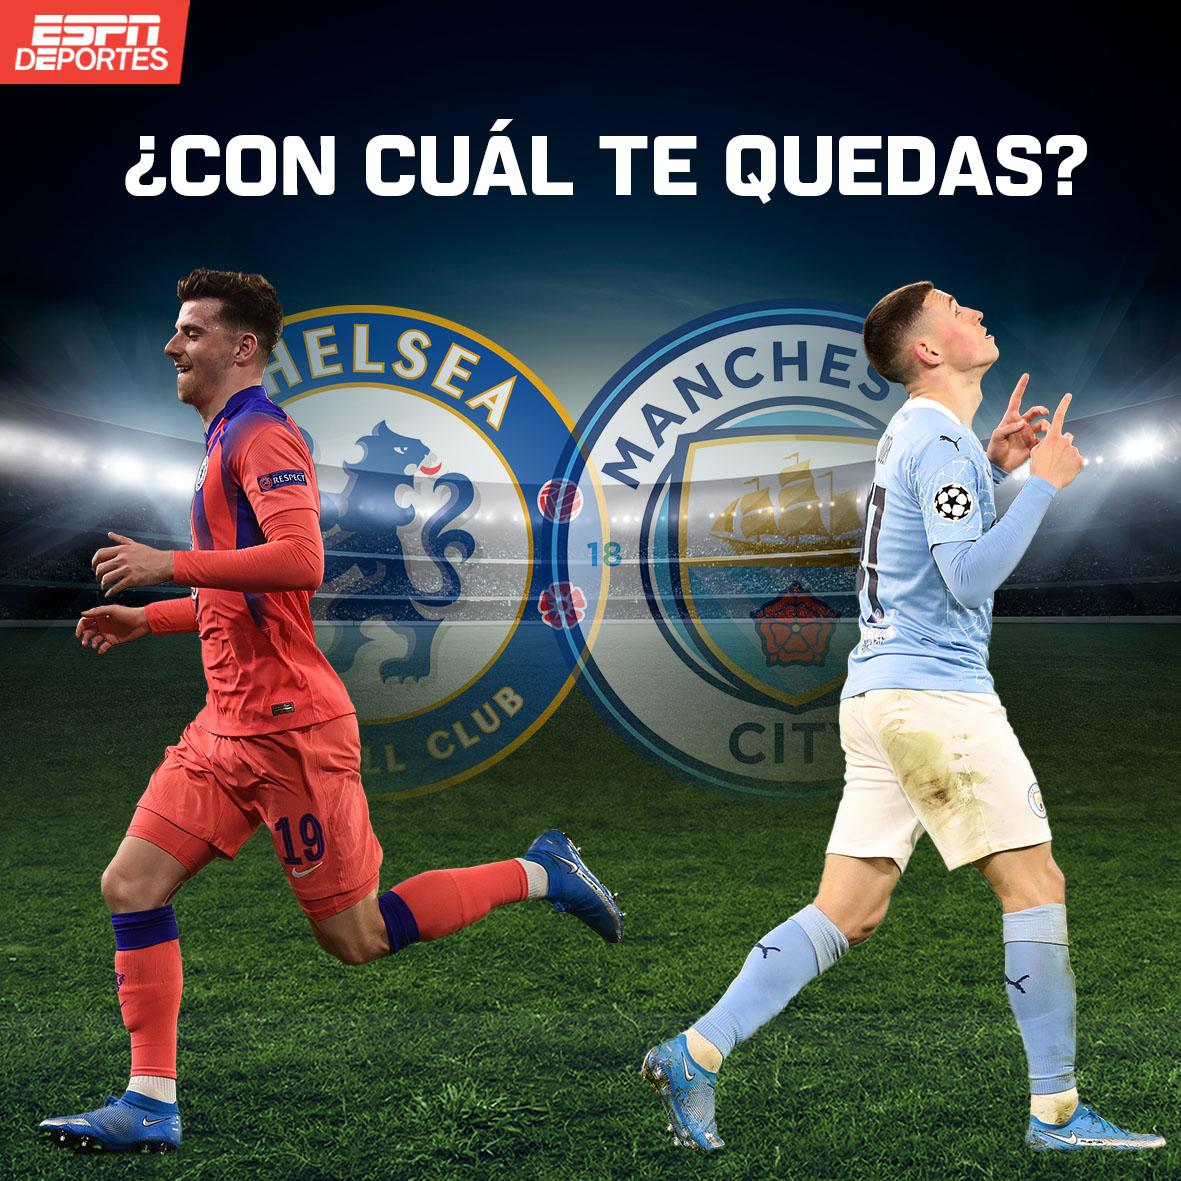 Ambos jóvenes 👶 van con buen paso en sus equipos... ¿Tú a quién eliges?  #Foden : ❤️  #Mount : 🔁  #Chelsea #ManCity https://t.co/tk7ukYnaMD